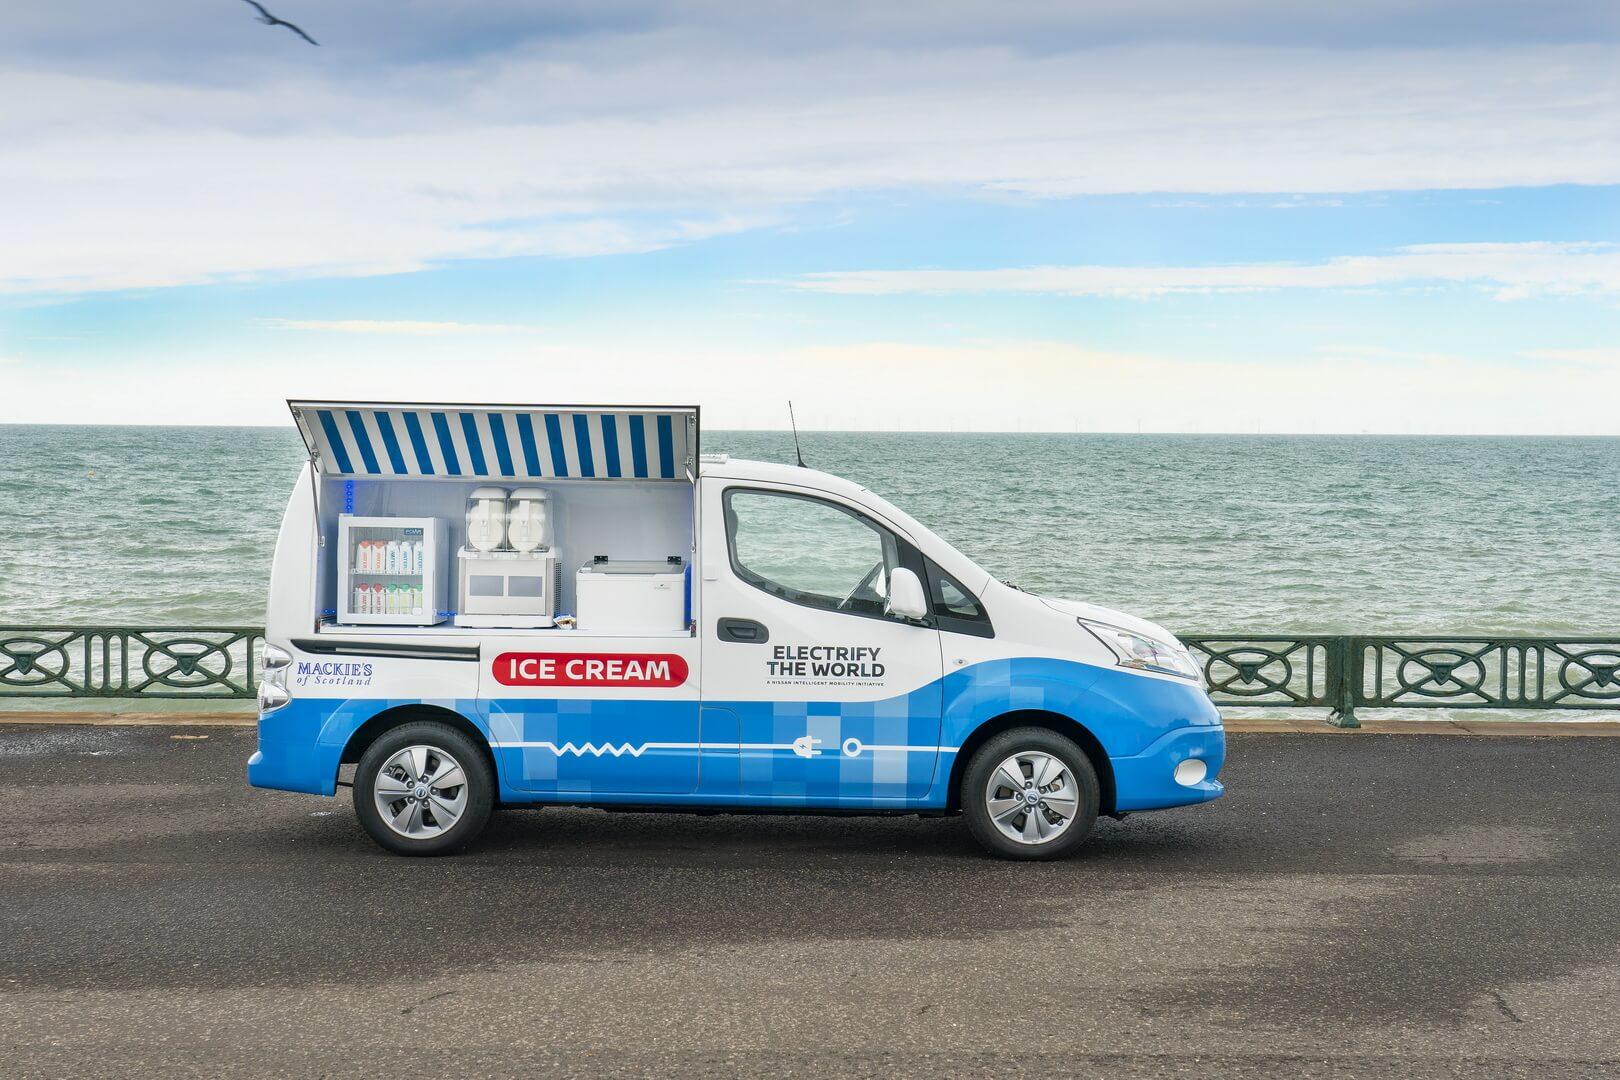 Nissan представил фургон для мороженого на базе e-NV200